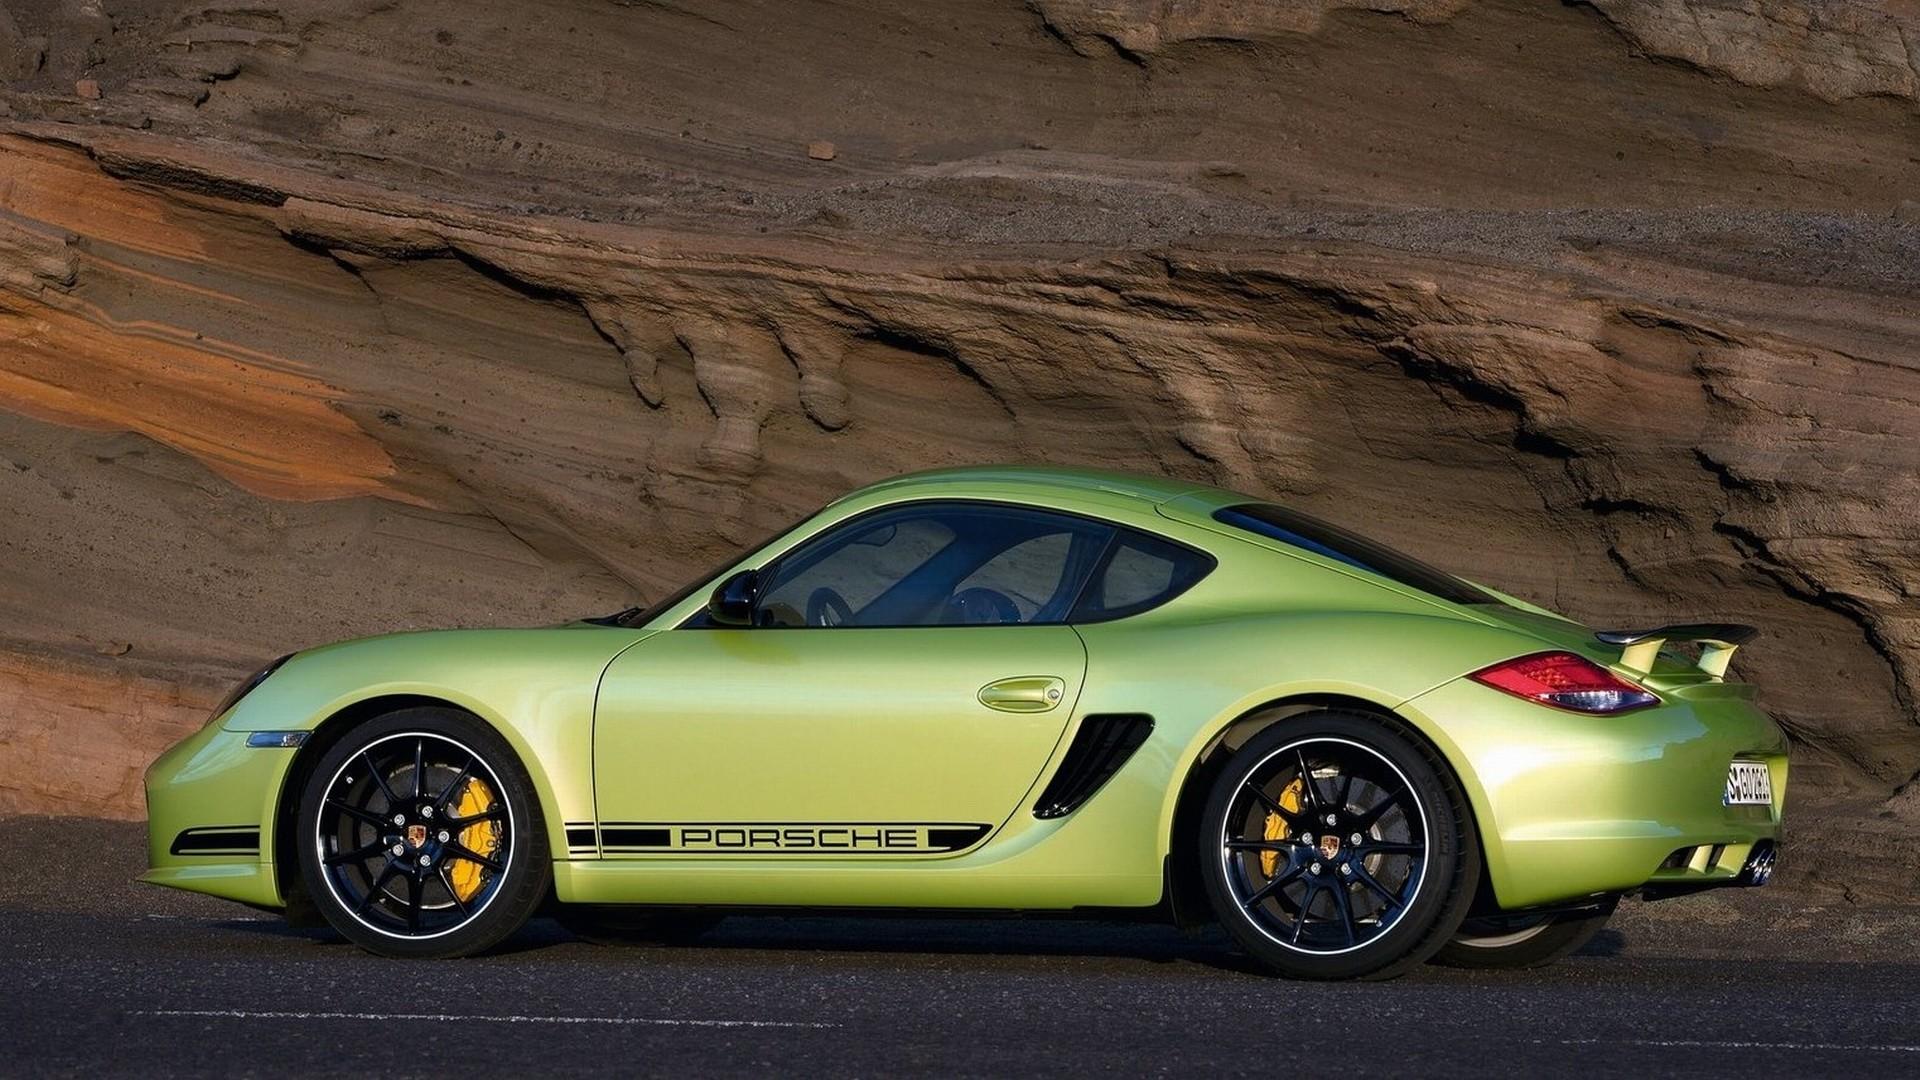 Porsche Cayman R Wallpapers   Data Src Porsche Cayman - Porsche Cayman R - HD Wallpaper